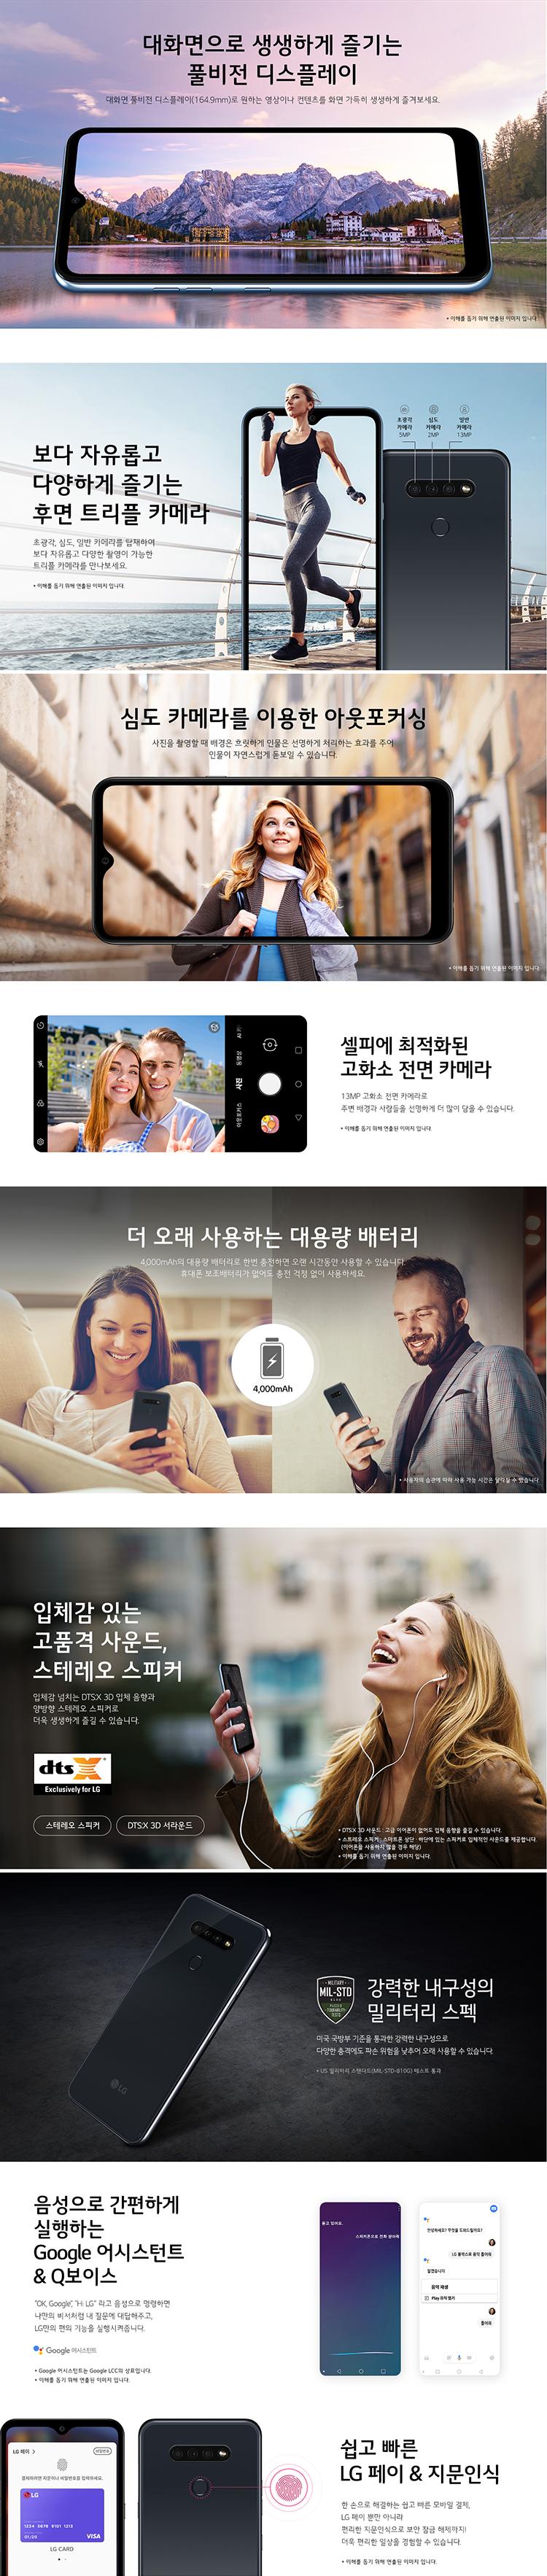 LG Q51 상품정보